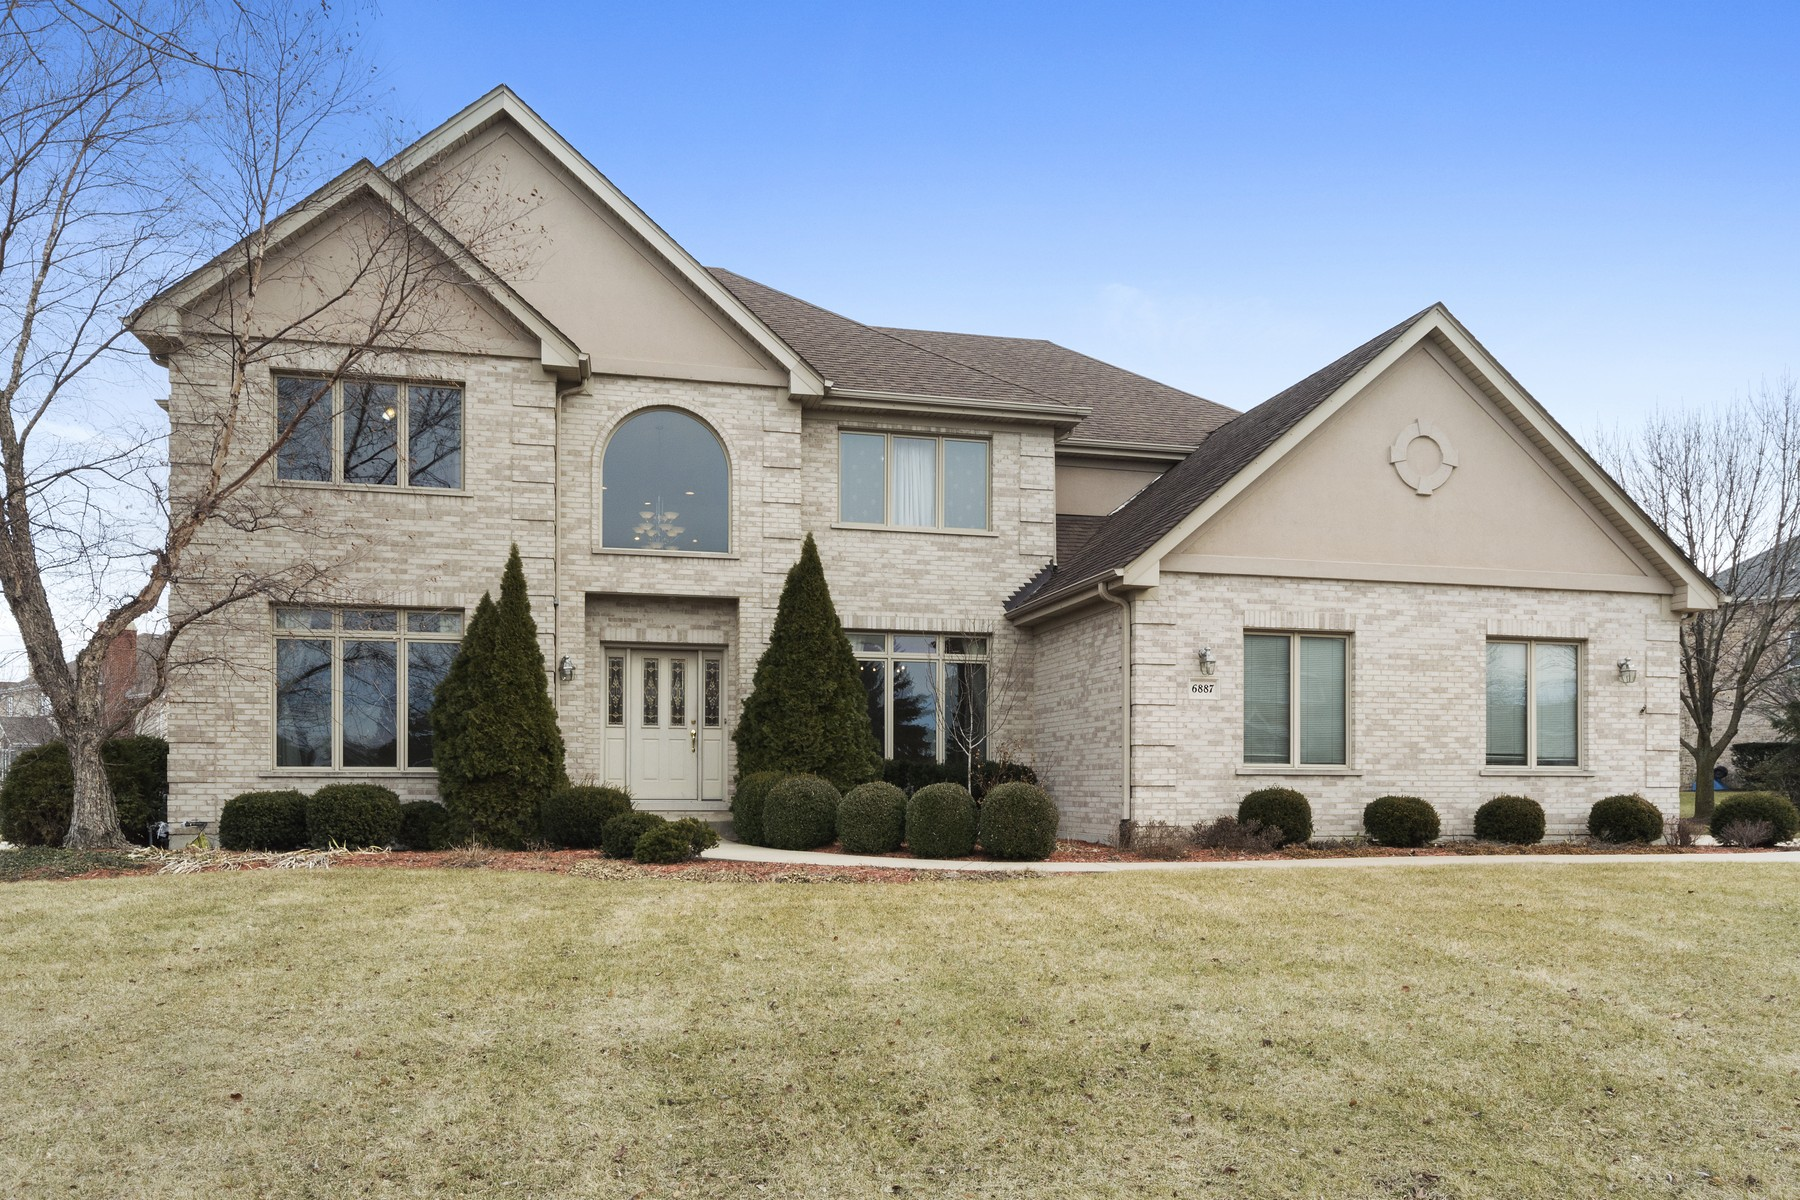 独户住宅 为 销售 在 Prominently Positioned Burr Ridge Home 6887 Fieldstone Drive 毛刺岭, 伊利诺斯州, 60527 美国